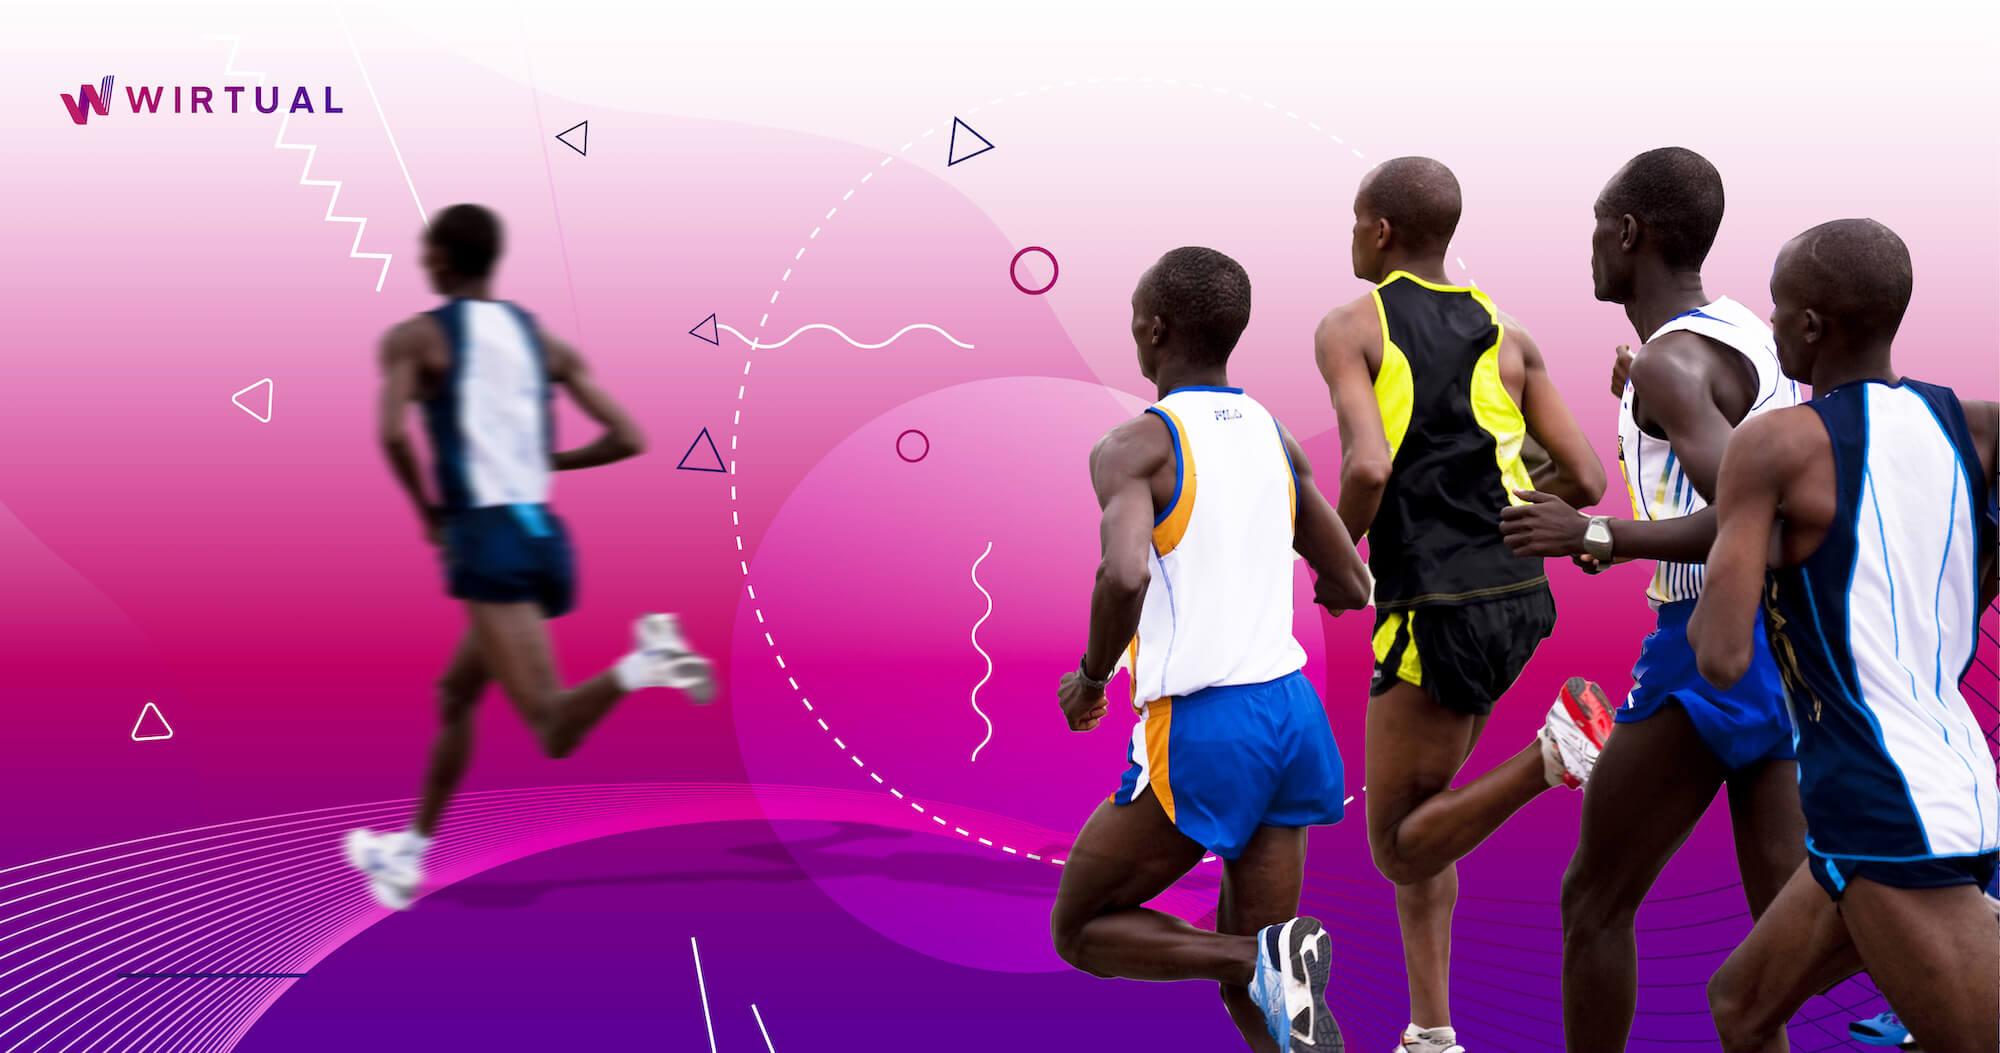 ทำไมชาวเคนยาถึงวิ่งเร็วและทนทาน มาดูเคล็ดลับการฝึกซ้อมของชาวเคนยา